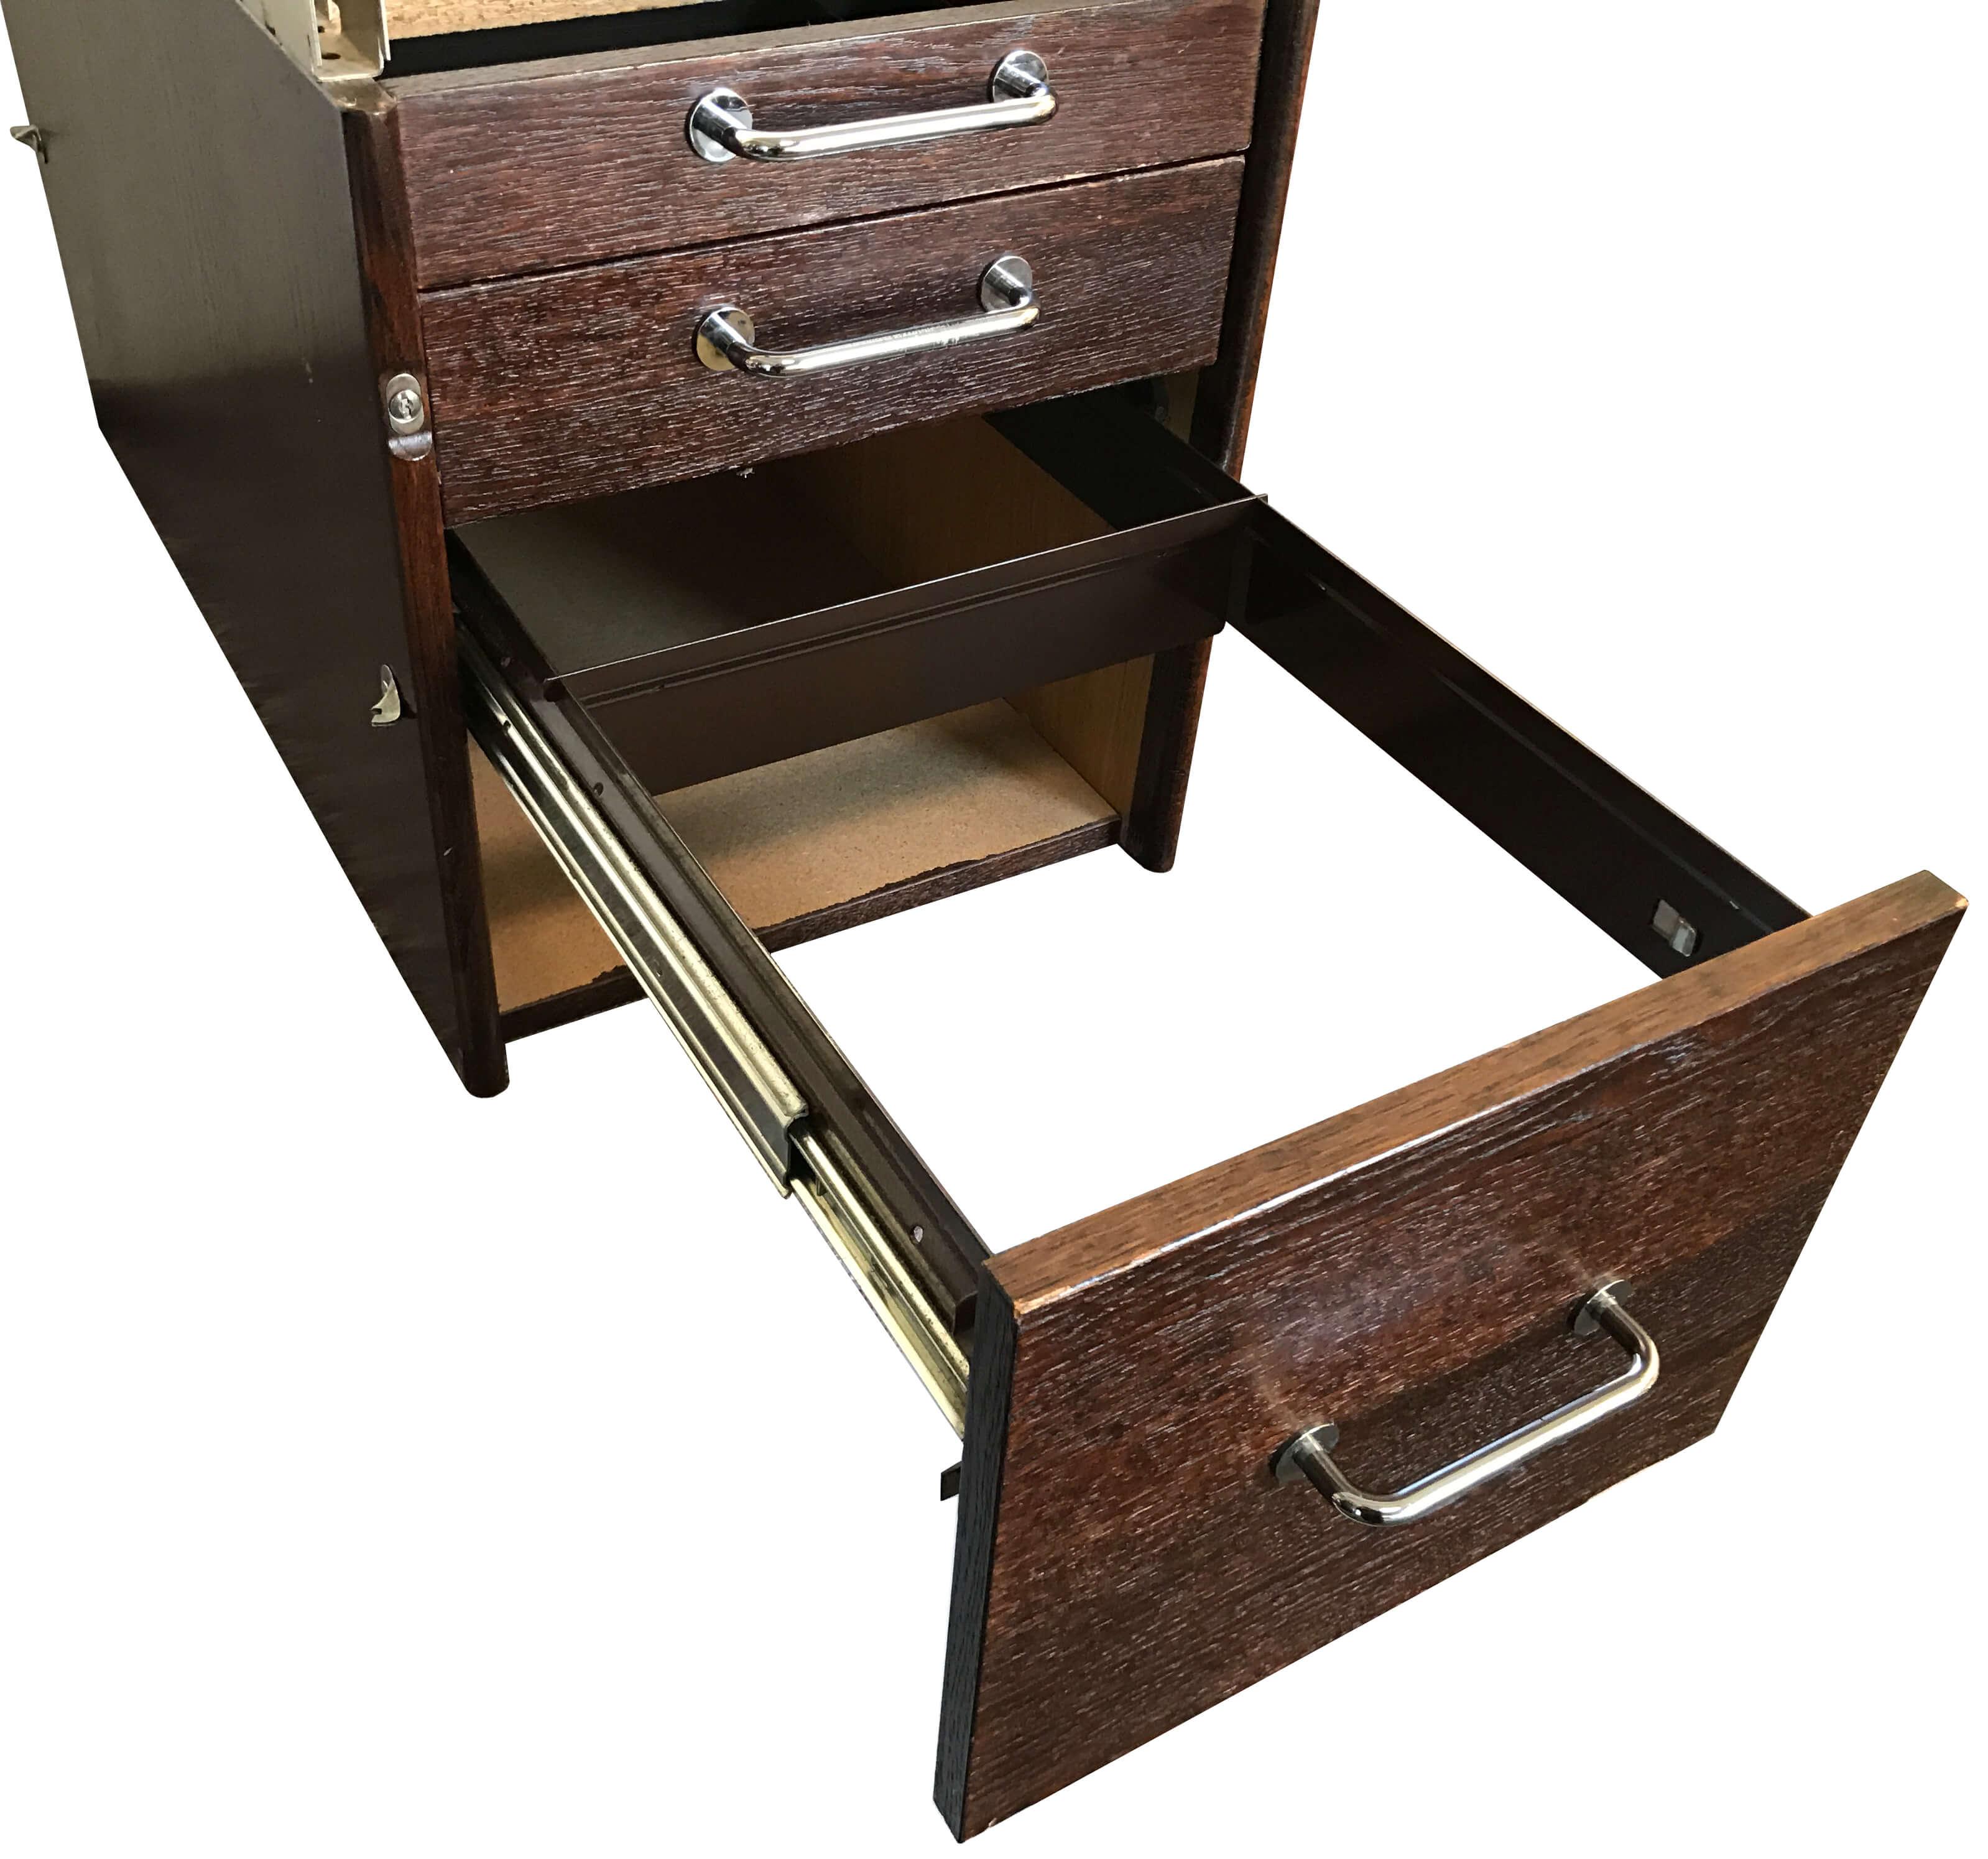 ikea kuche schublade einhangen. Black Bedroom Furniture Sets. Home Design Ideas